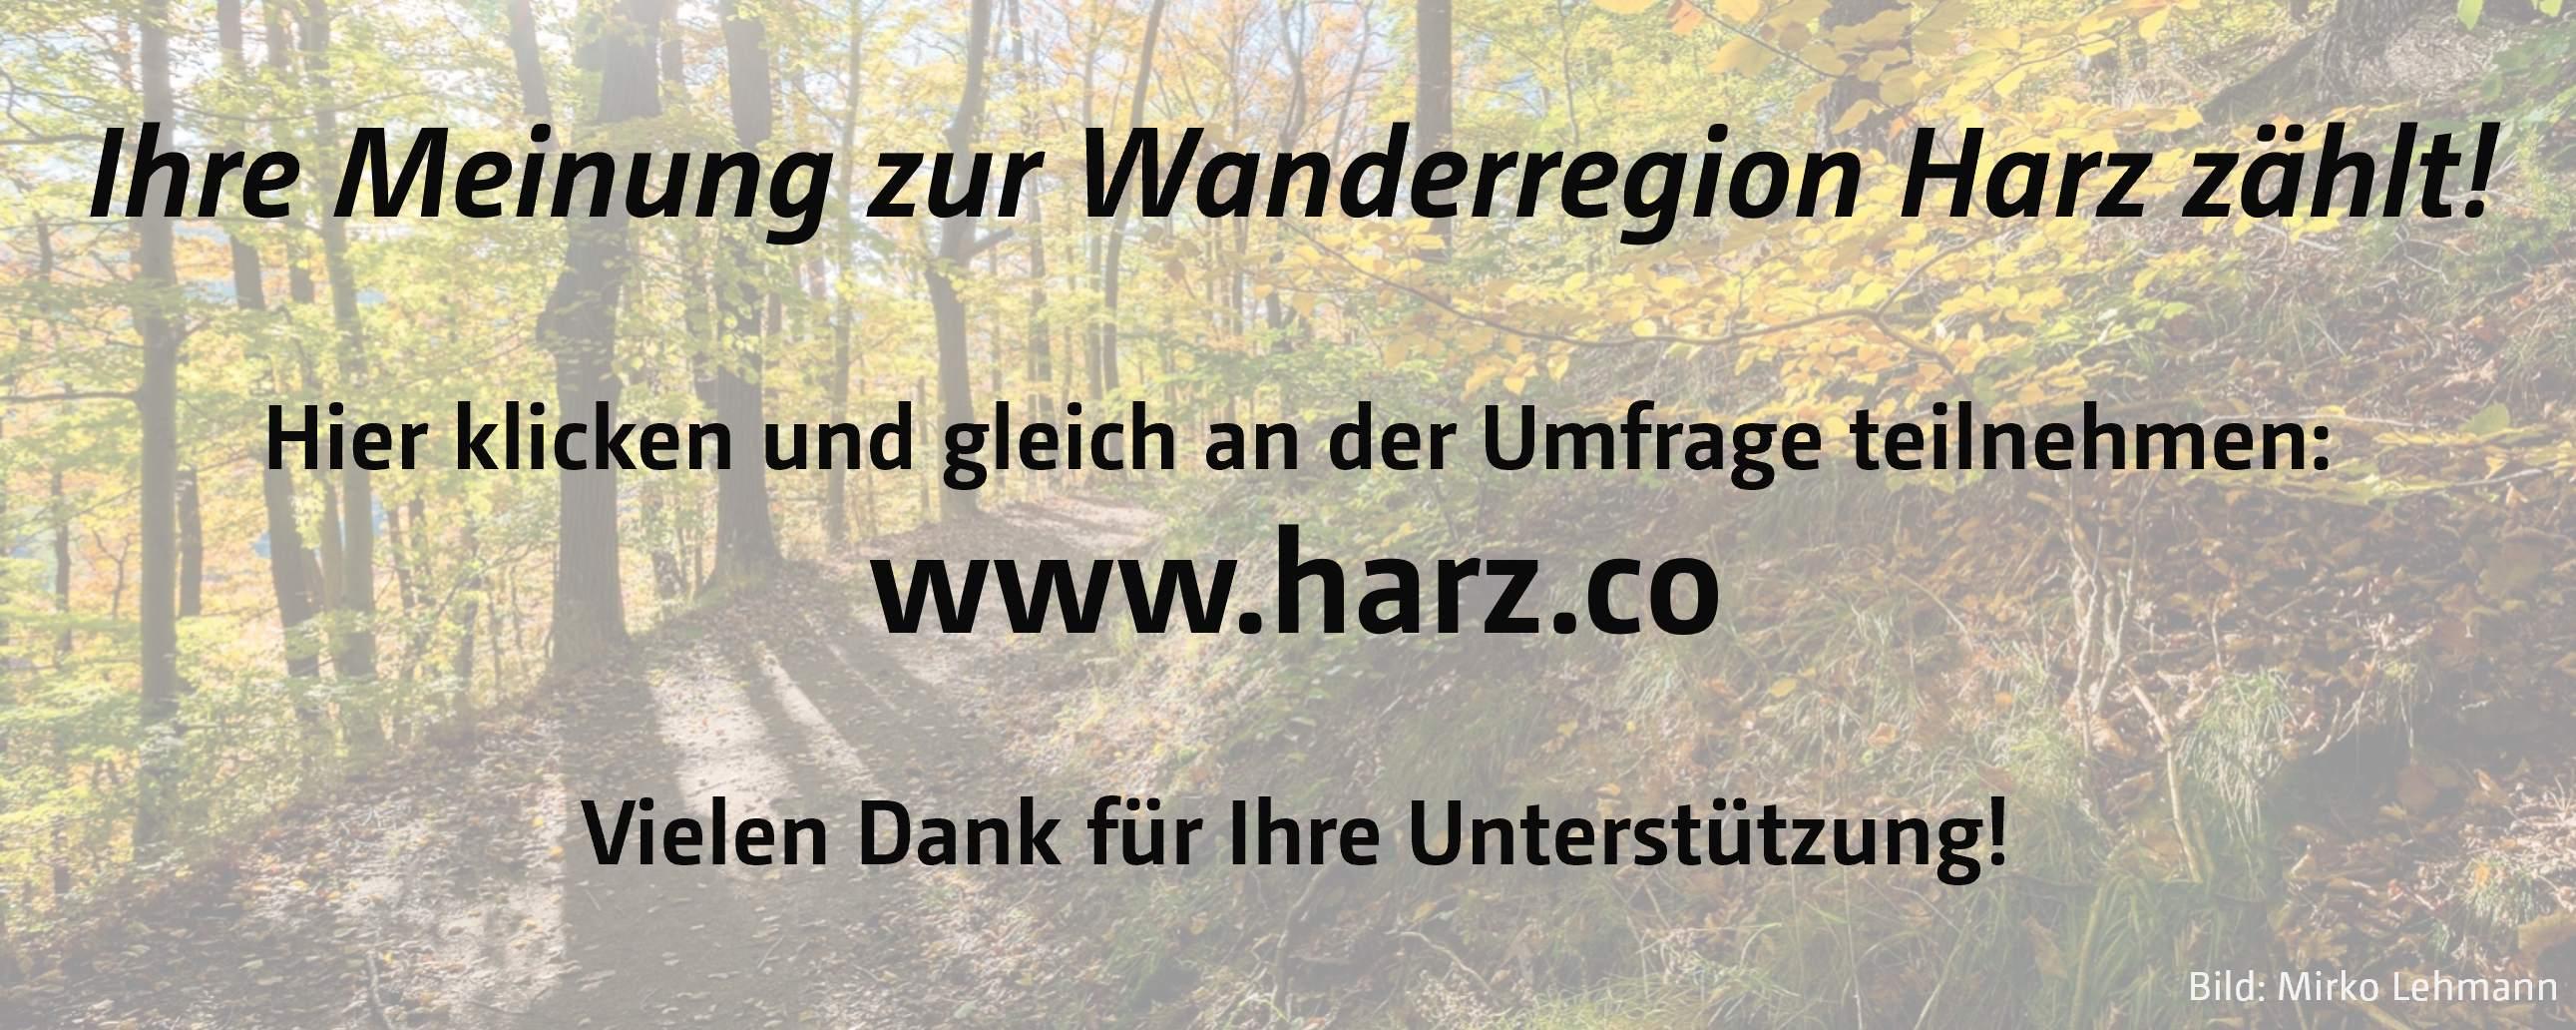 Befragung Wanderwege Harz